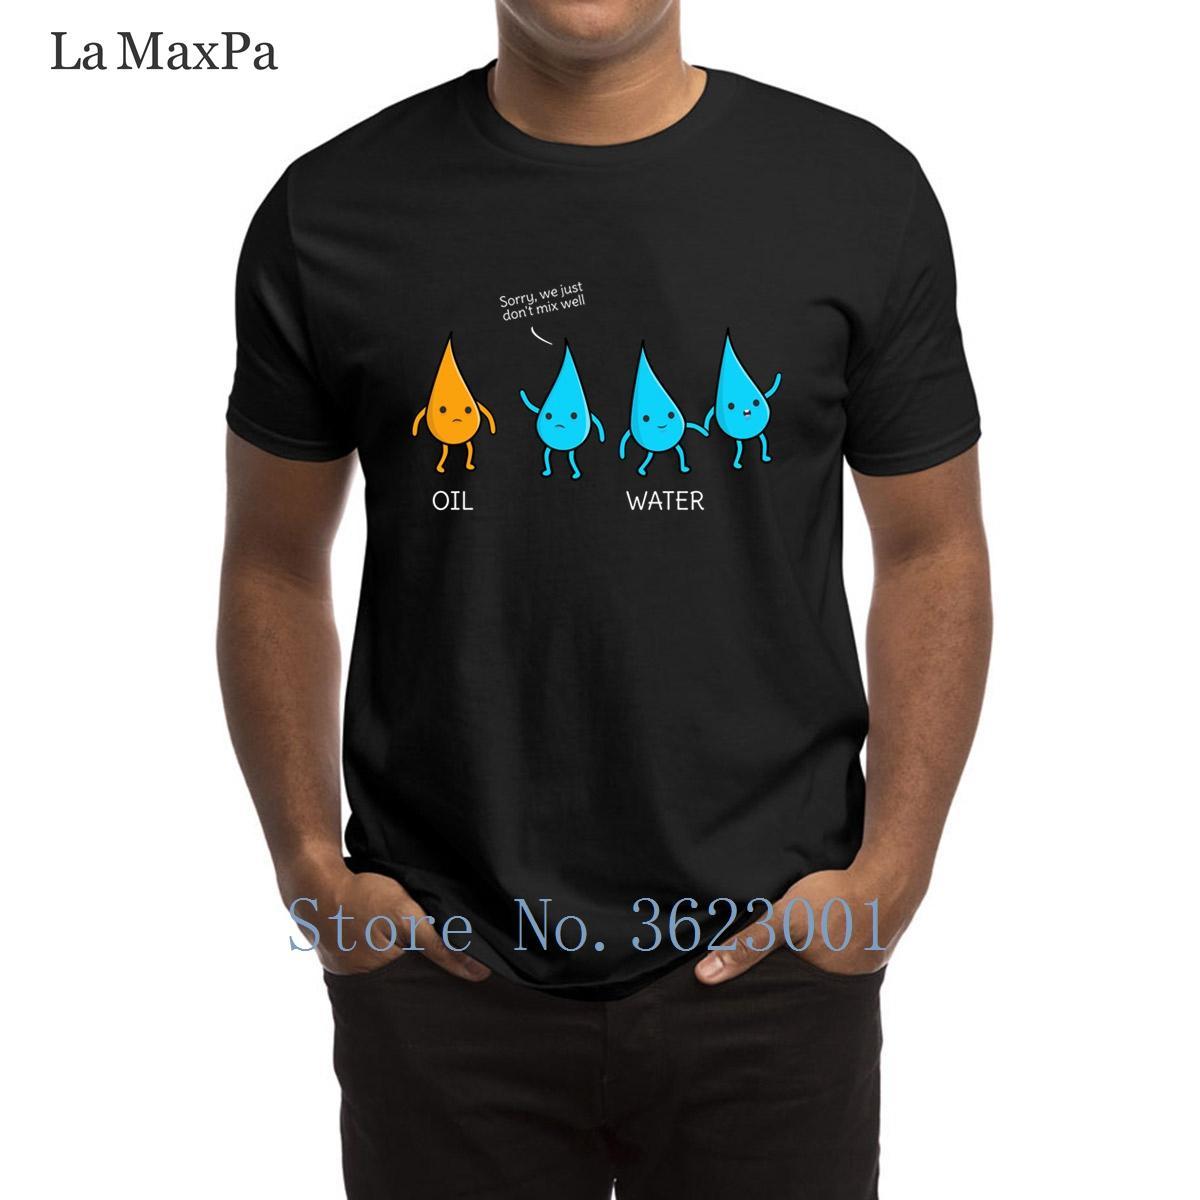 Crear Carta de la camiseta divertida de la ciencia y la química Pun T camisa del traje de la familia Camiseta clásico de manga corta camiseta hombre